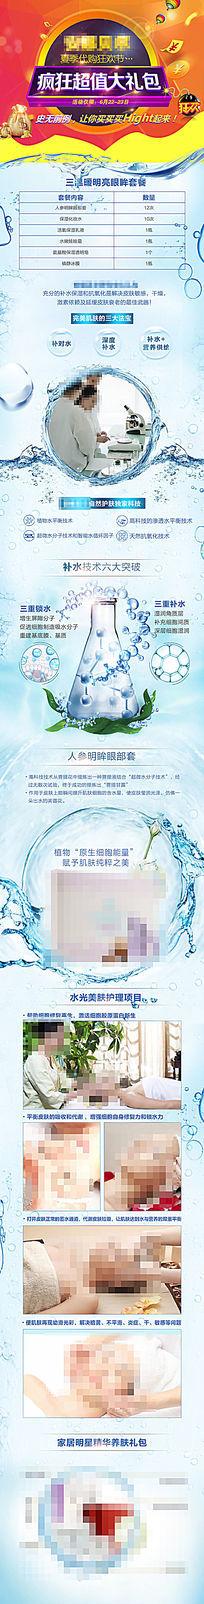 淘宝水动力水密码化妆品详情页素材